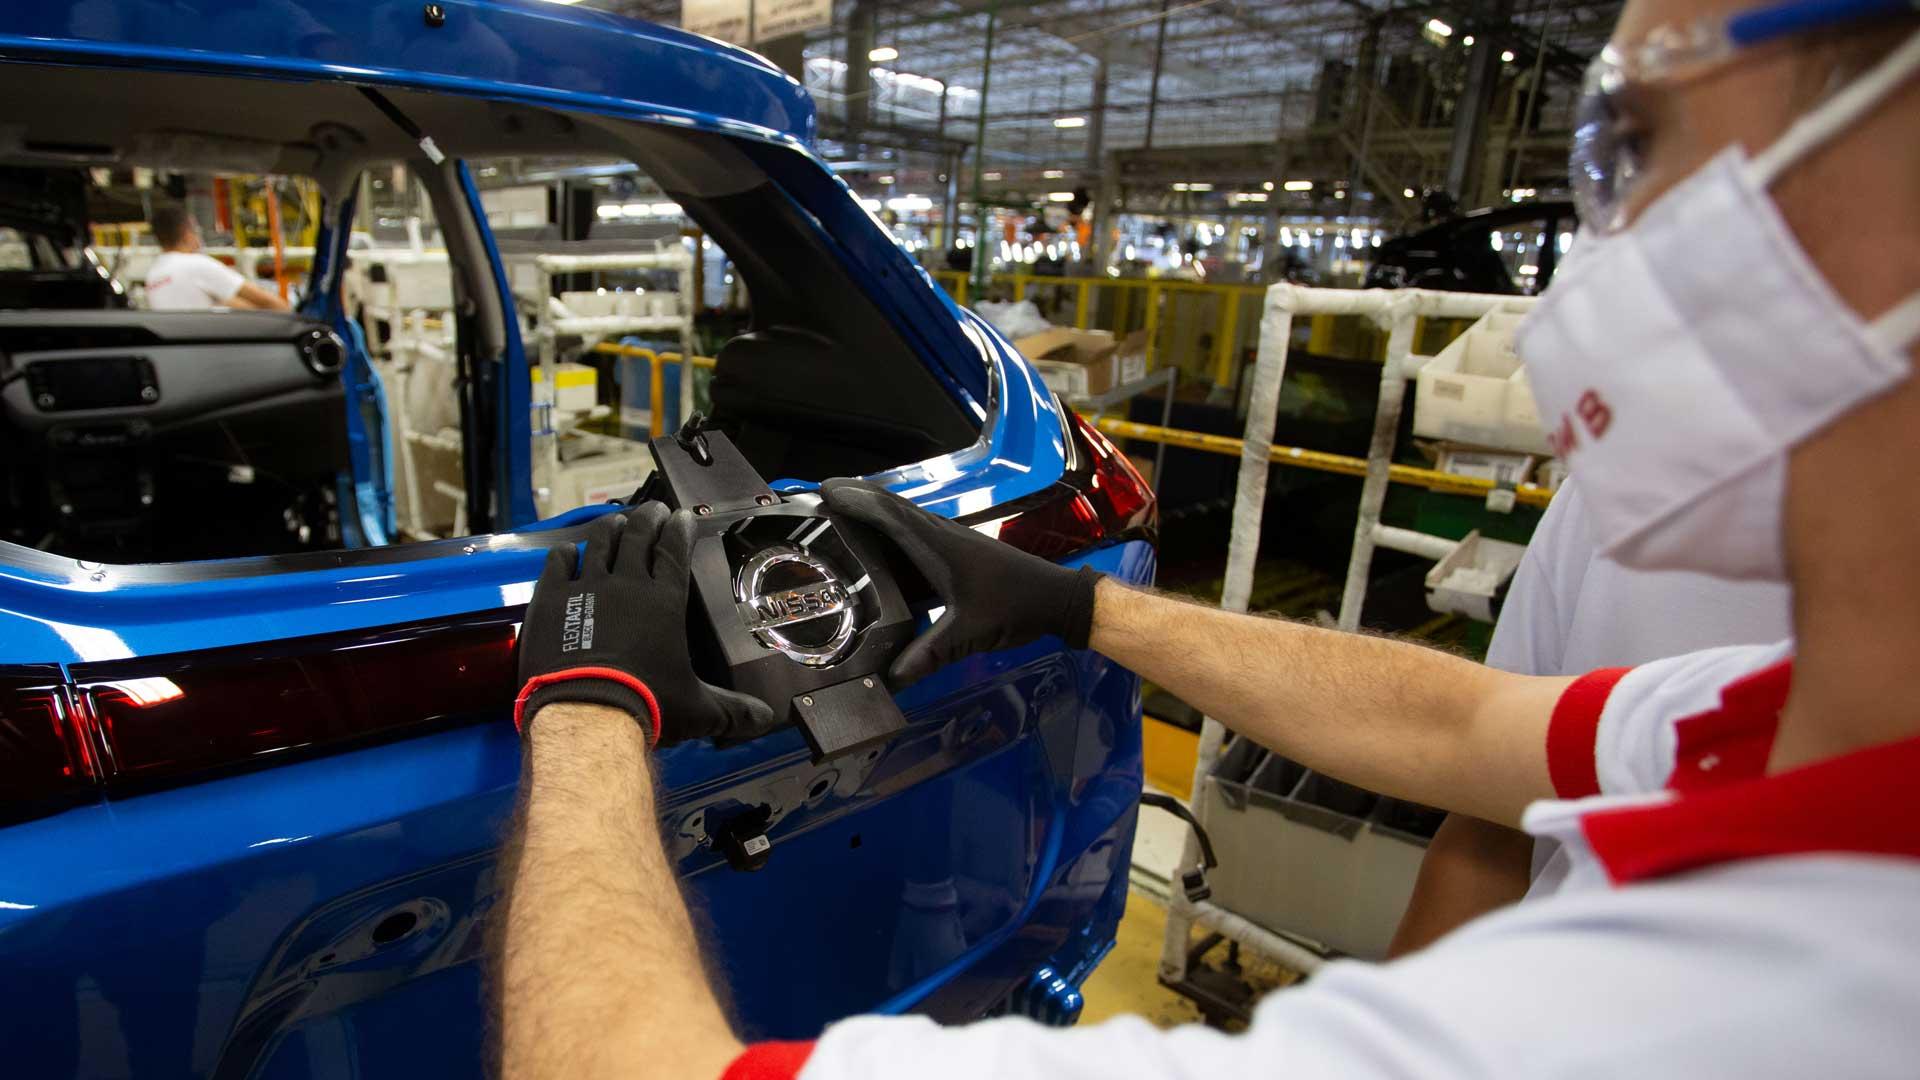 Fábrica do Nissan Kicks ganhará novo turno e 578 novos funcionários